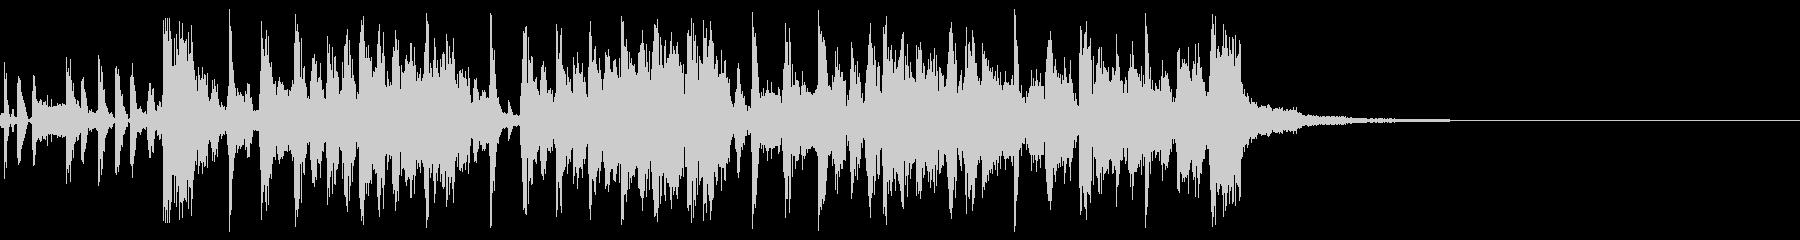 クランクアップの未再生の波形